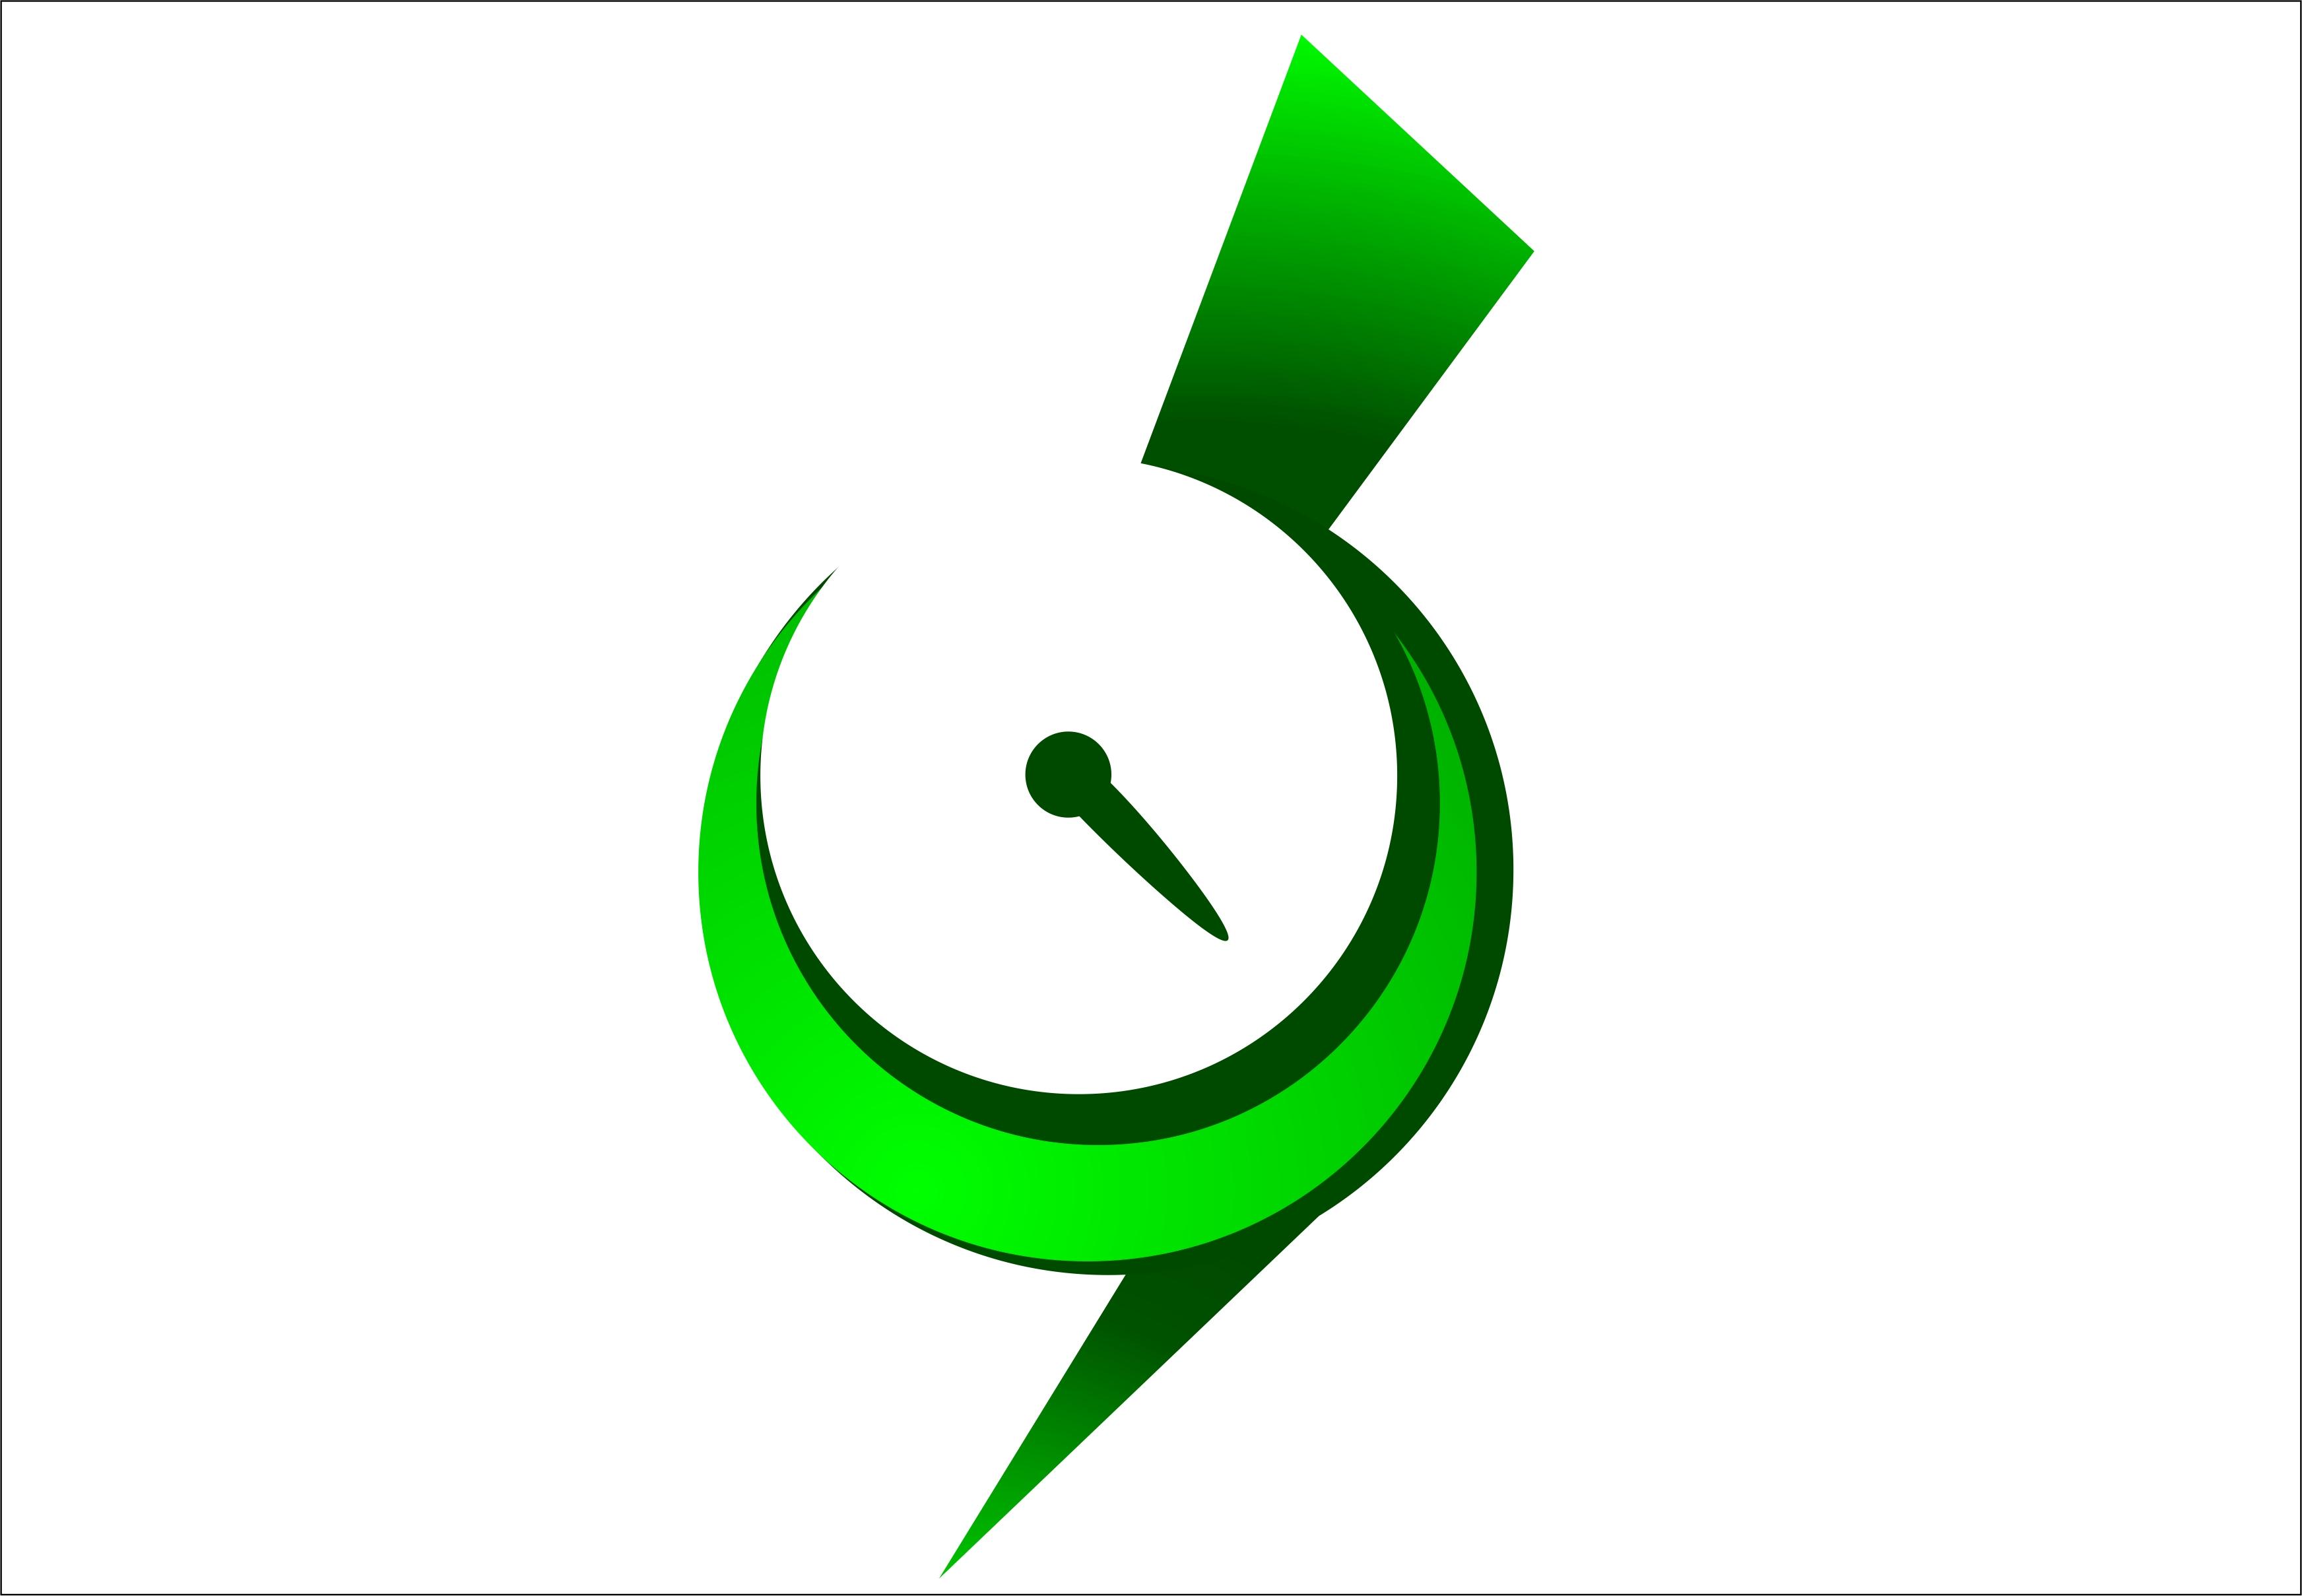 Логотип для инженерной компании фото f_36451cf218d715c8.jpg